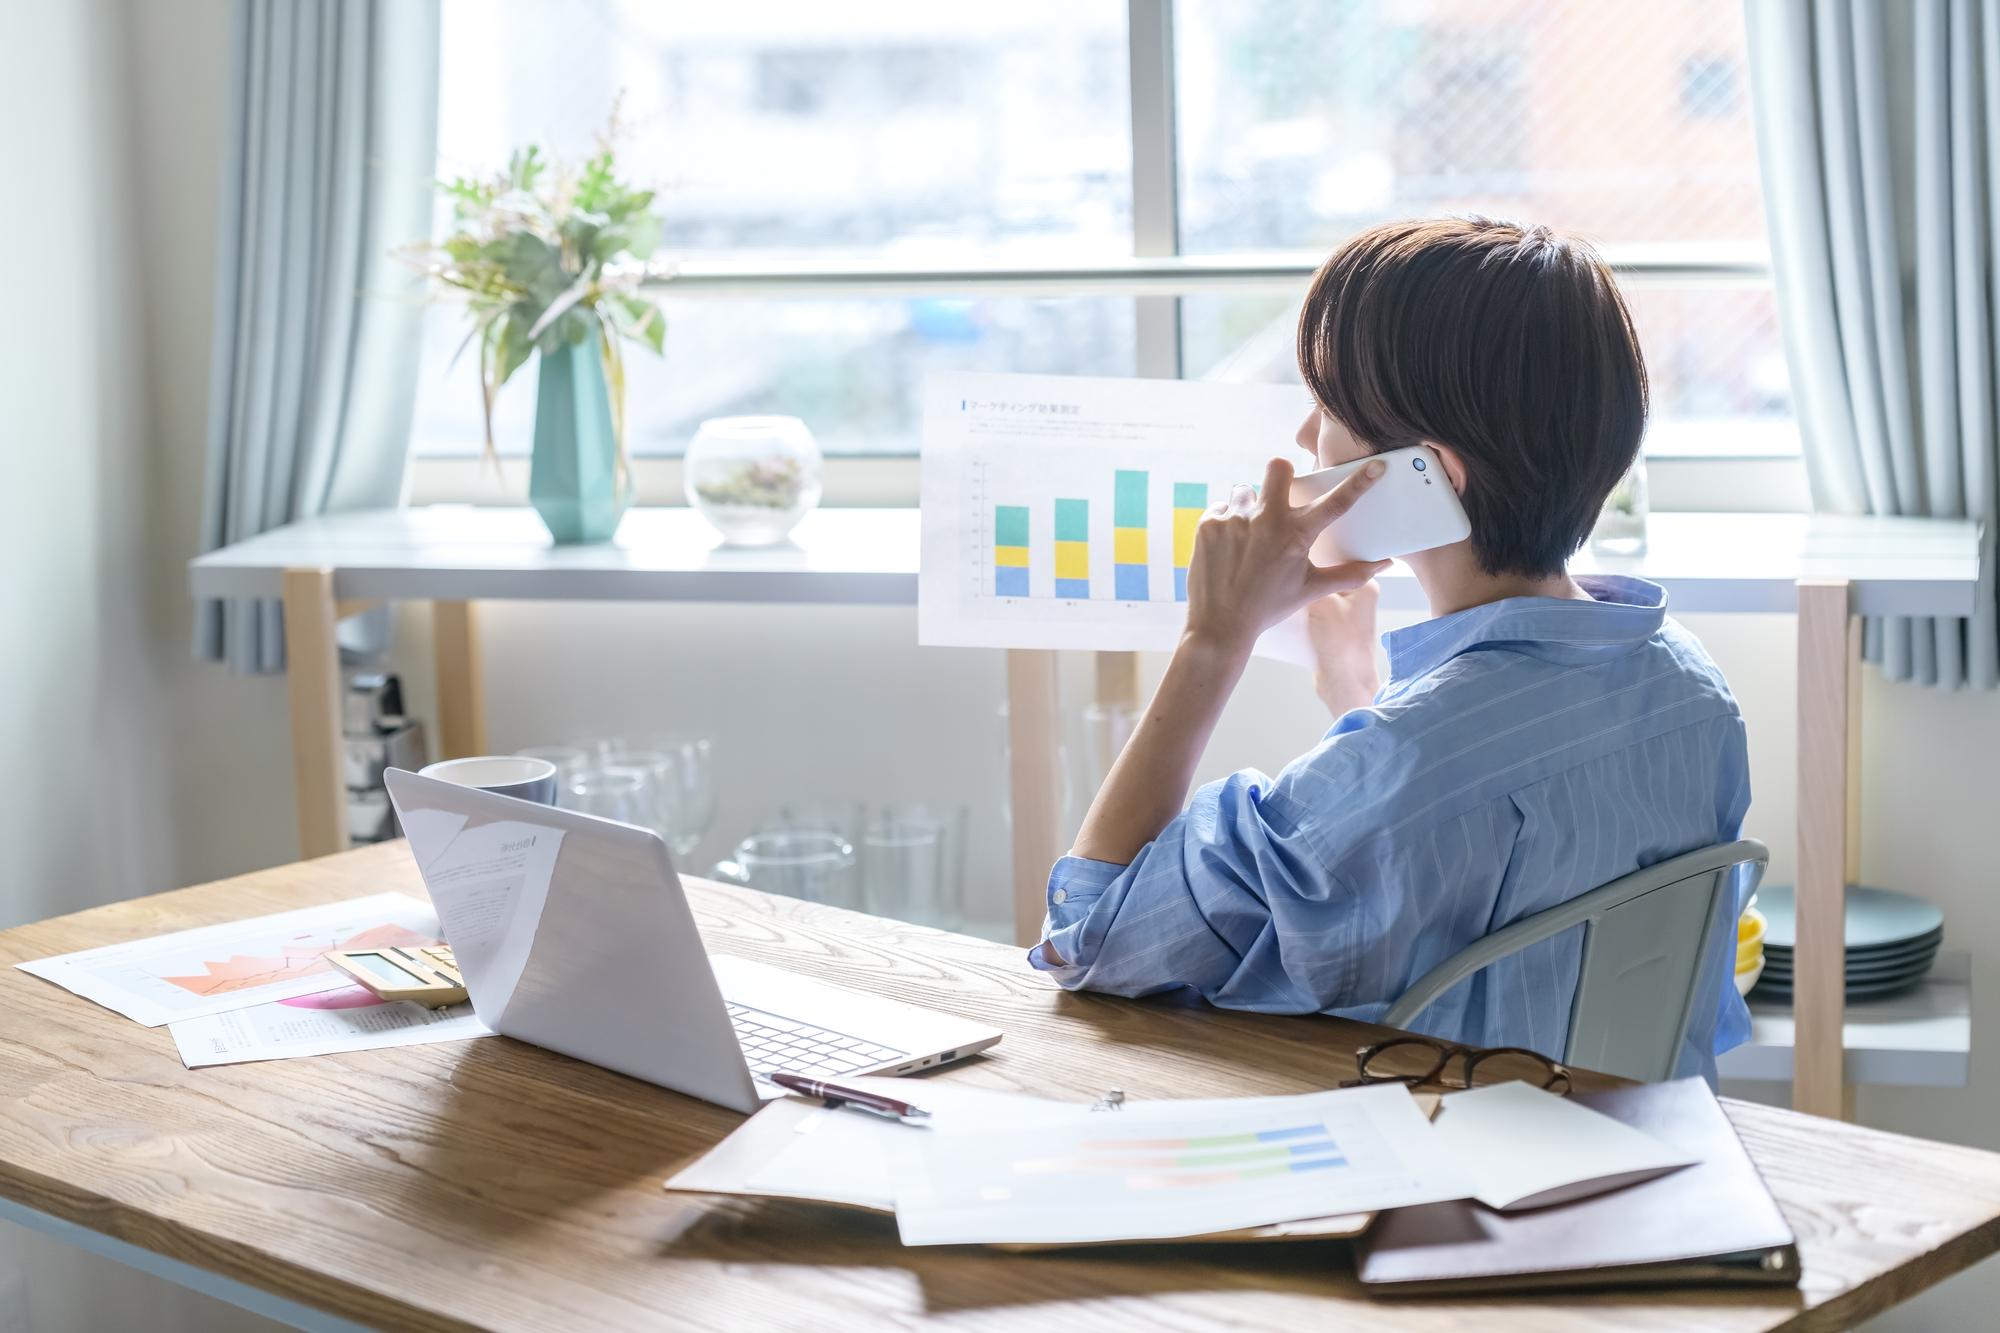 ひとりで仕事しているわけではないのですが同僚が見えない